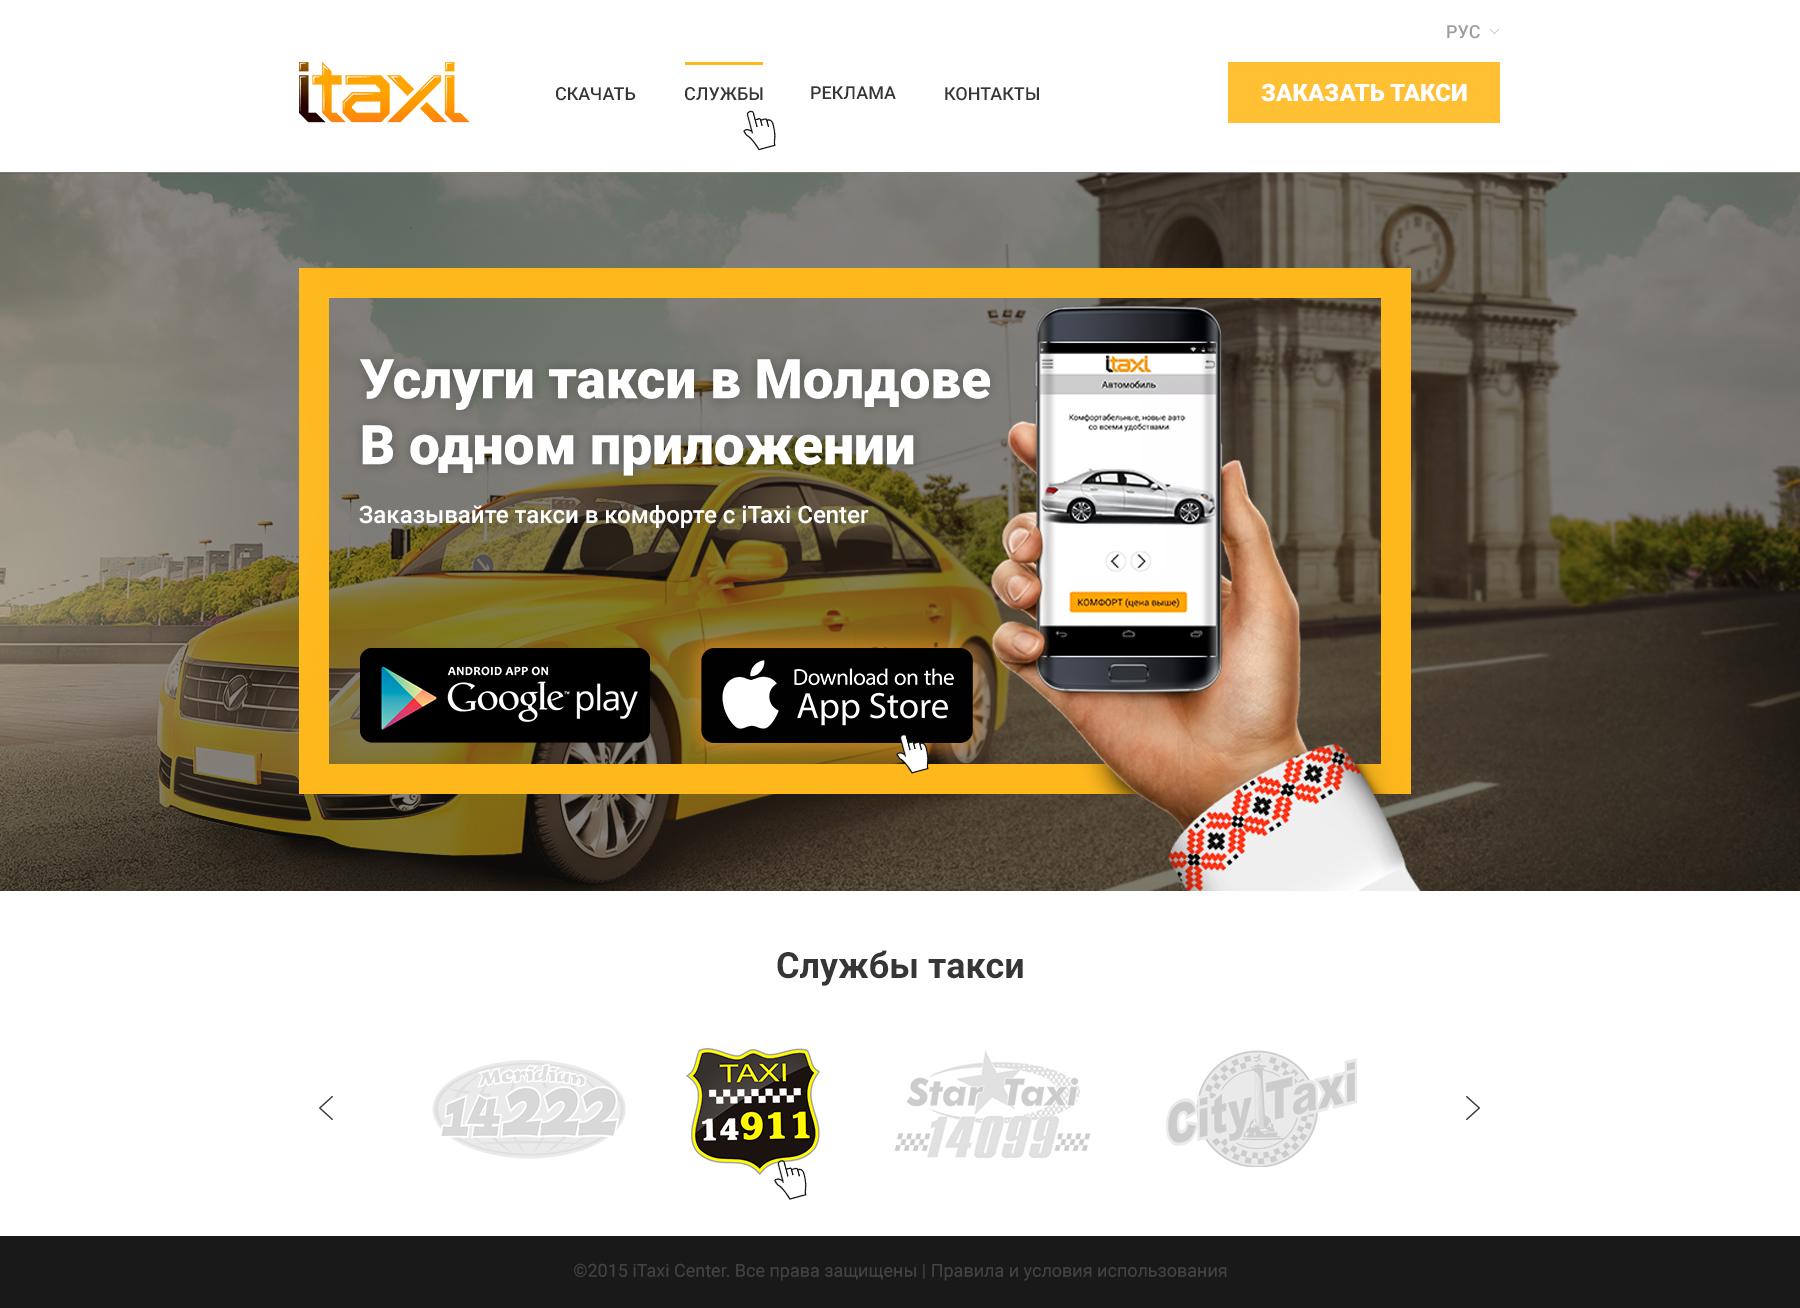 Редизайн сайта www.itaxi.md фото f_3225a0c2738bc45f.jpg